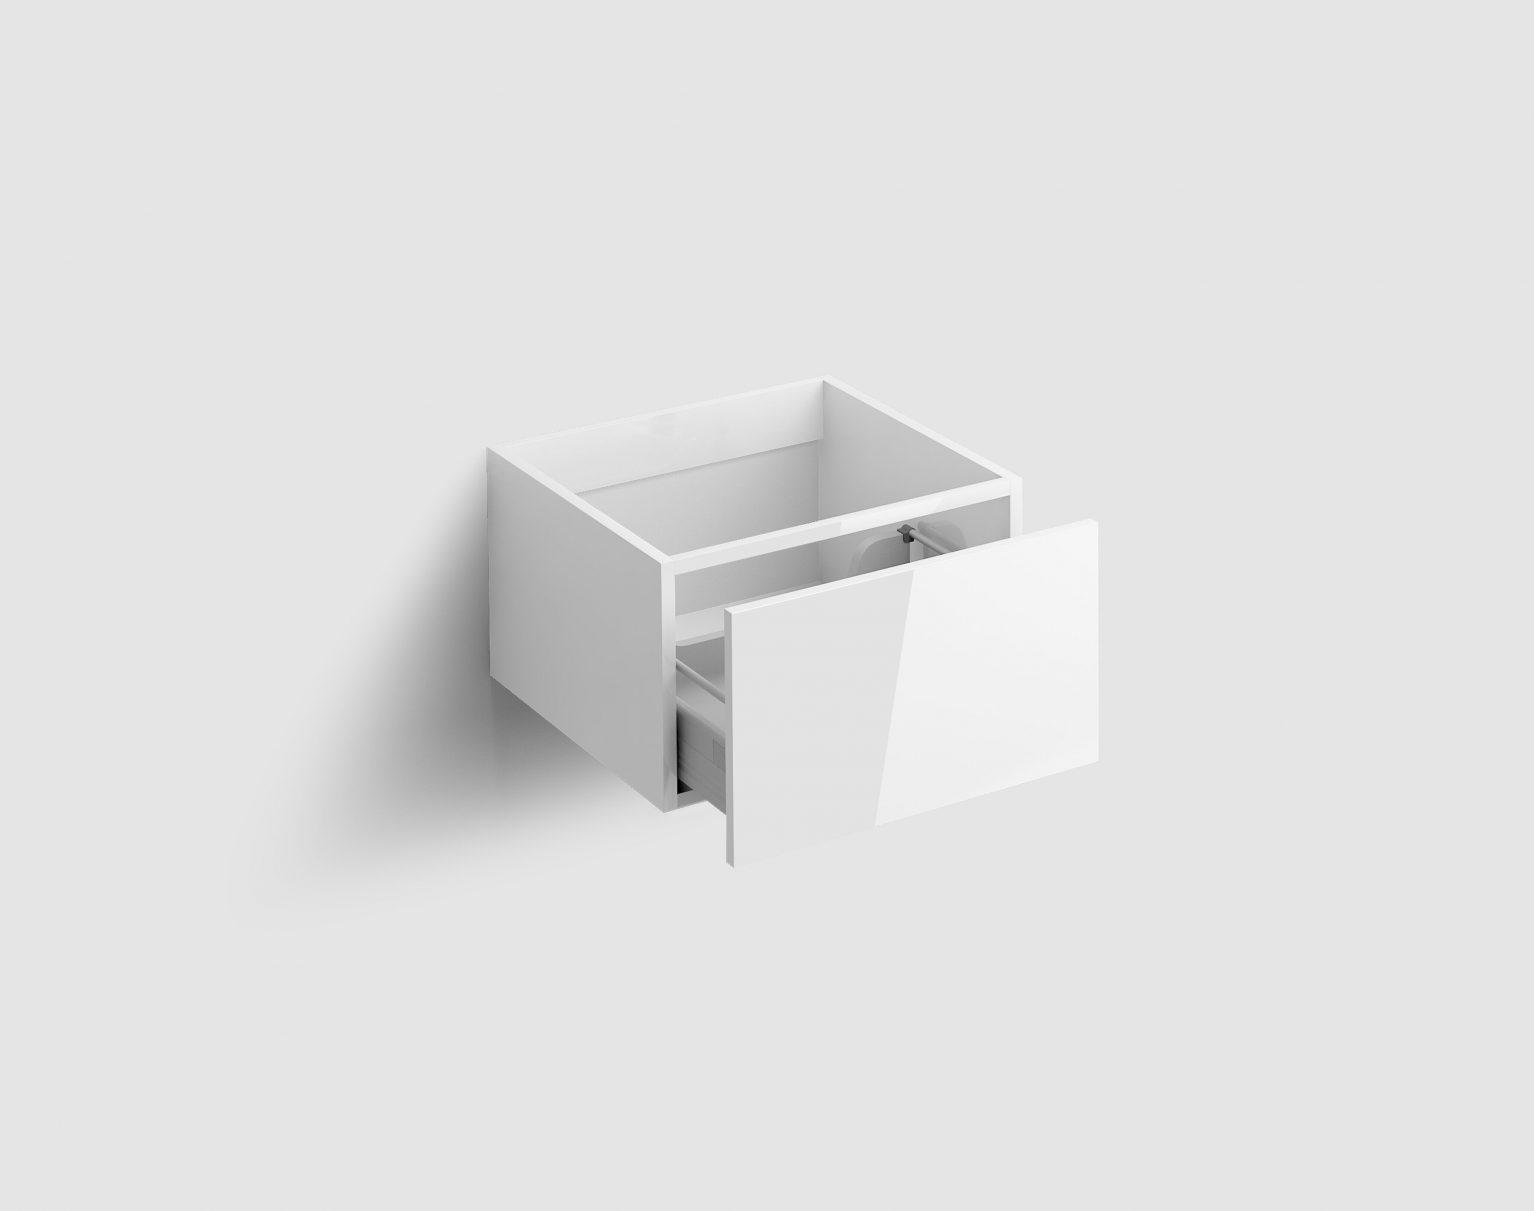 Hammock ladekast 40cm met push-to-open lade, wit hoogglans)